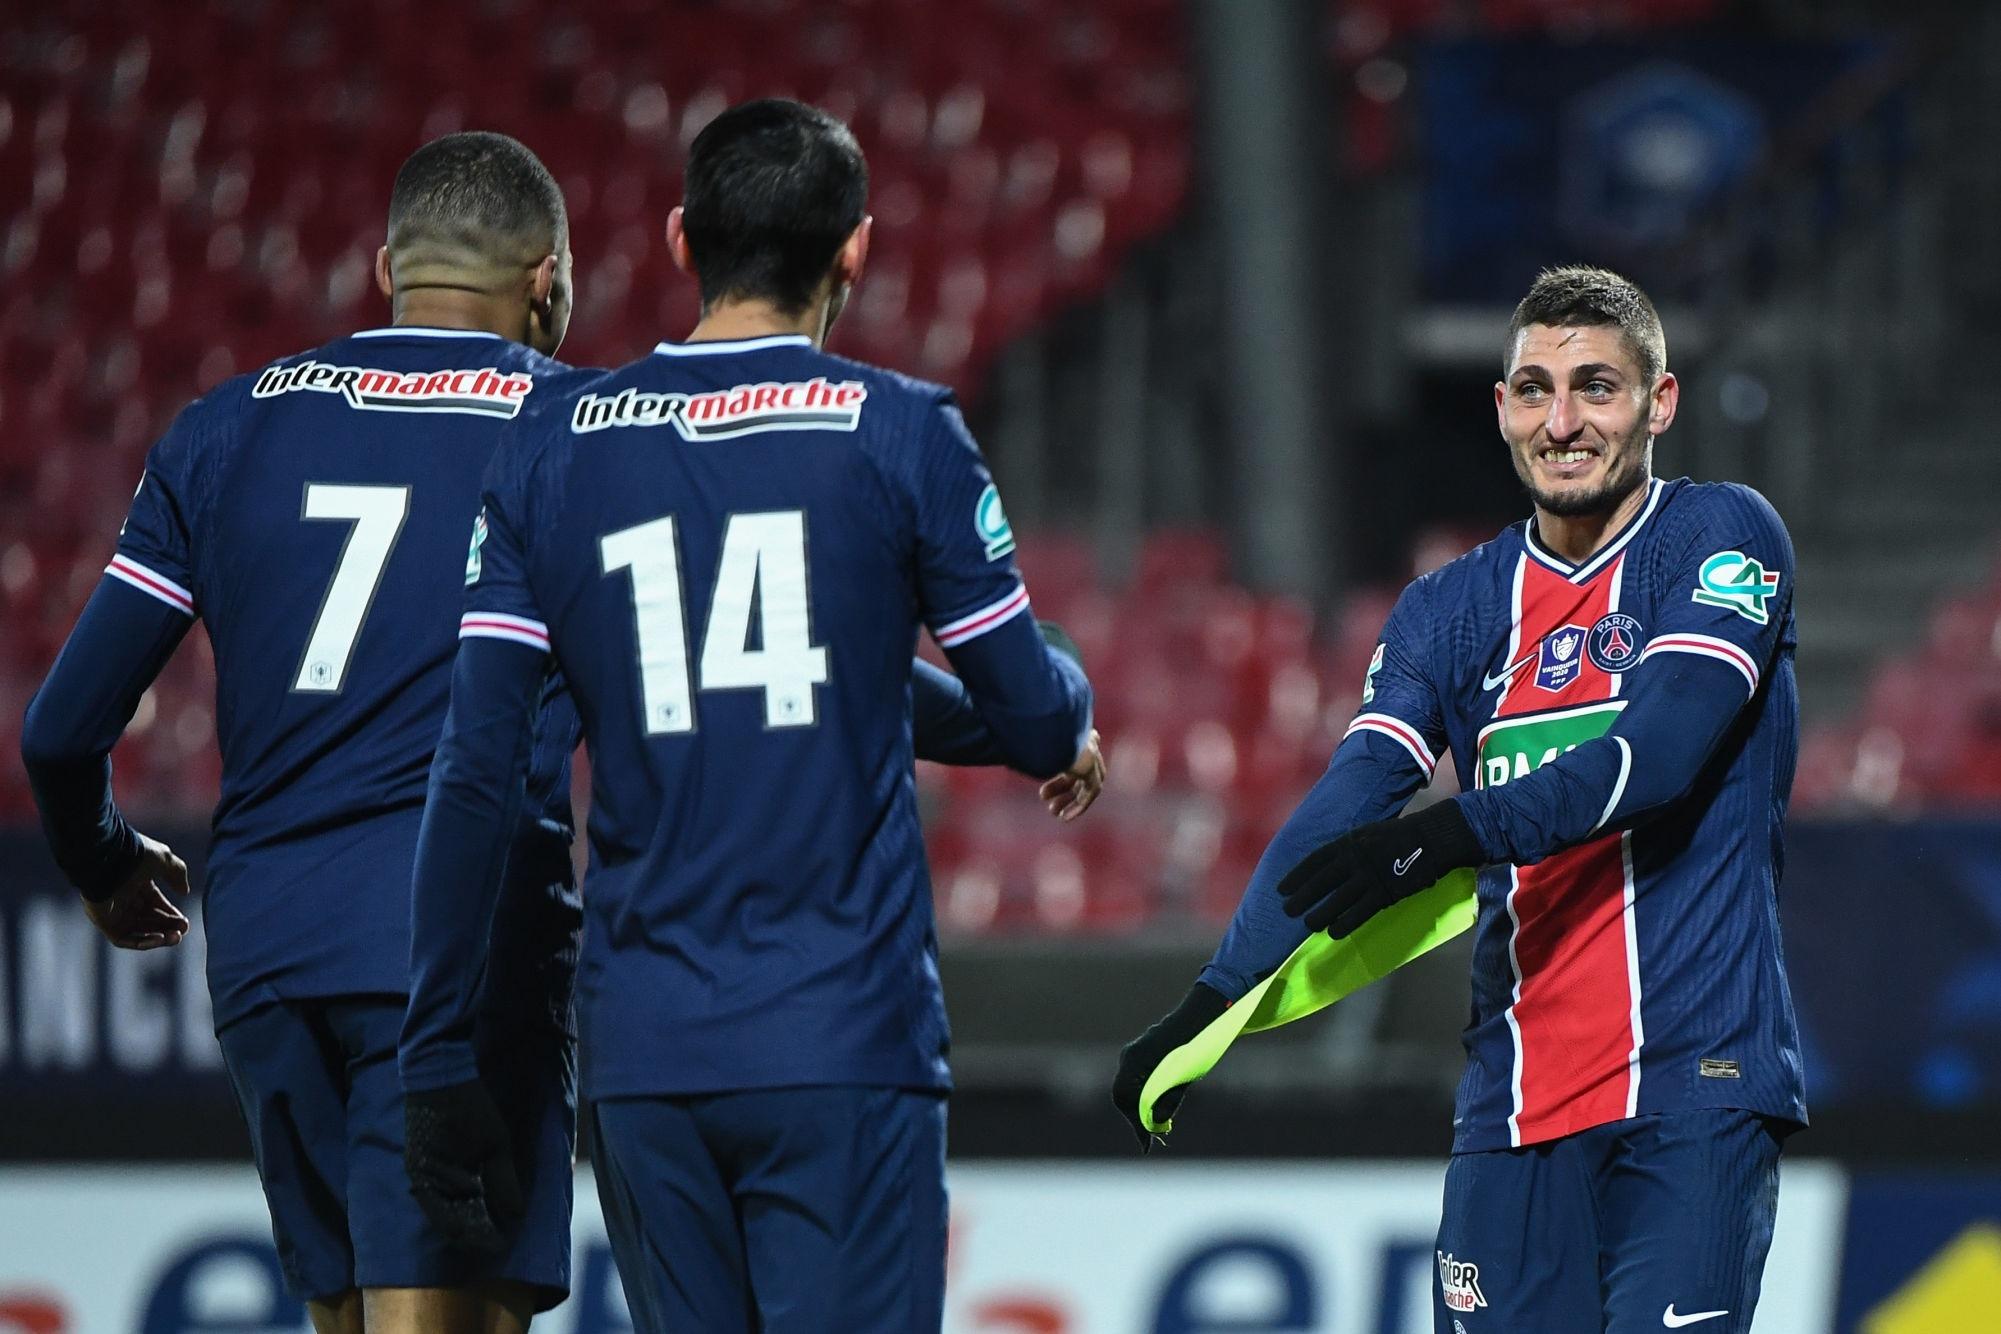 """Brest/PSG - Verratti évoque la victoire et se dit """"amoureux de ce club"""""""